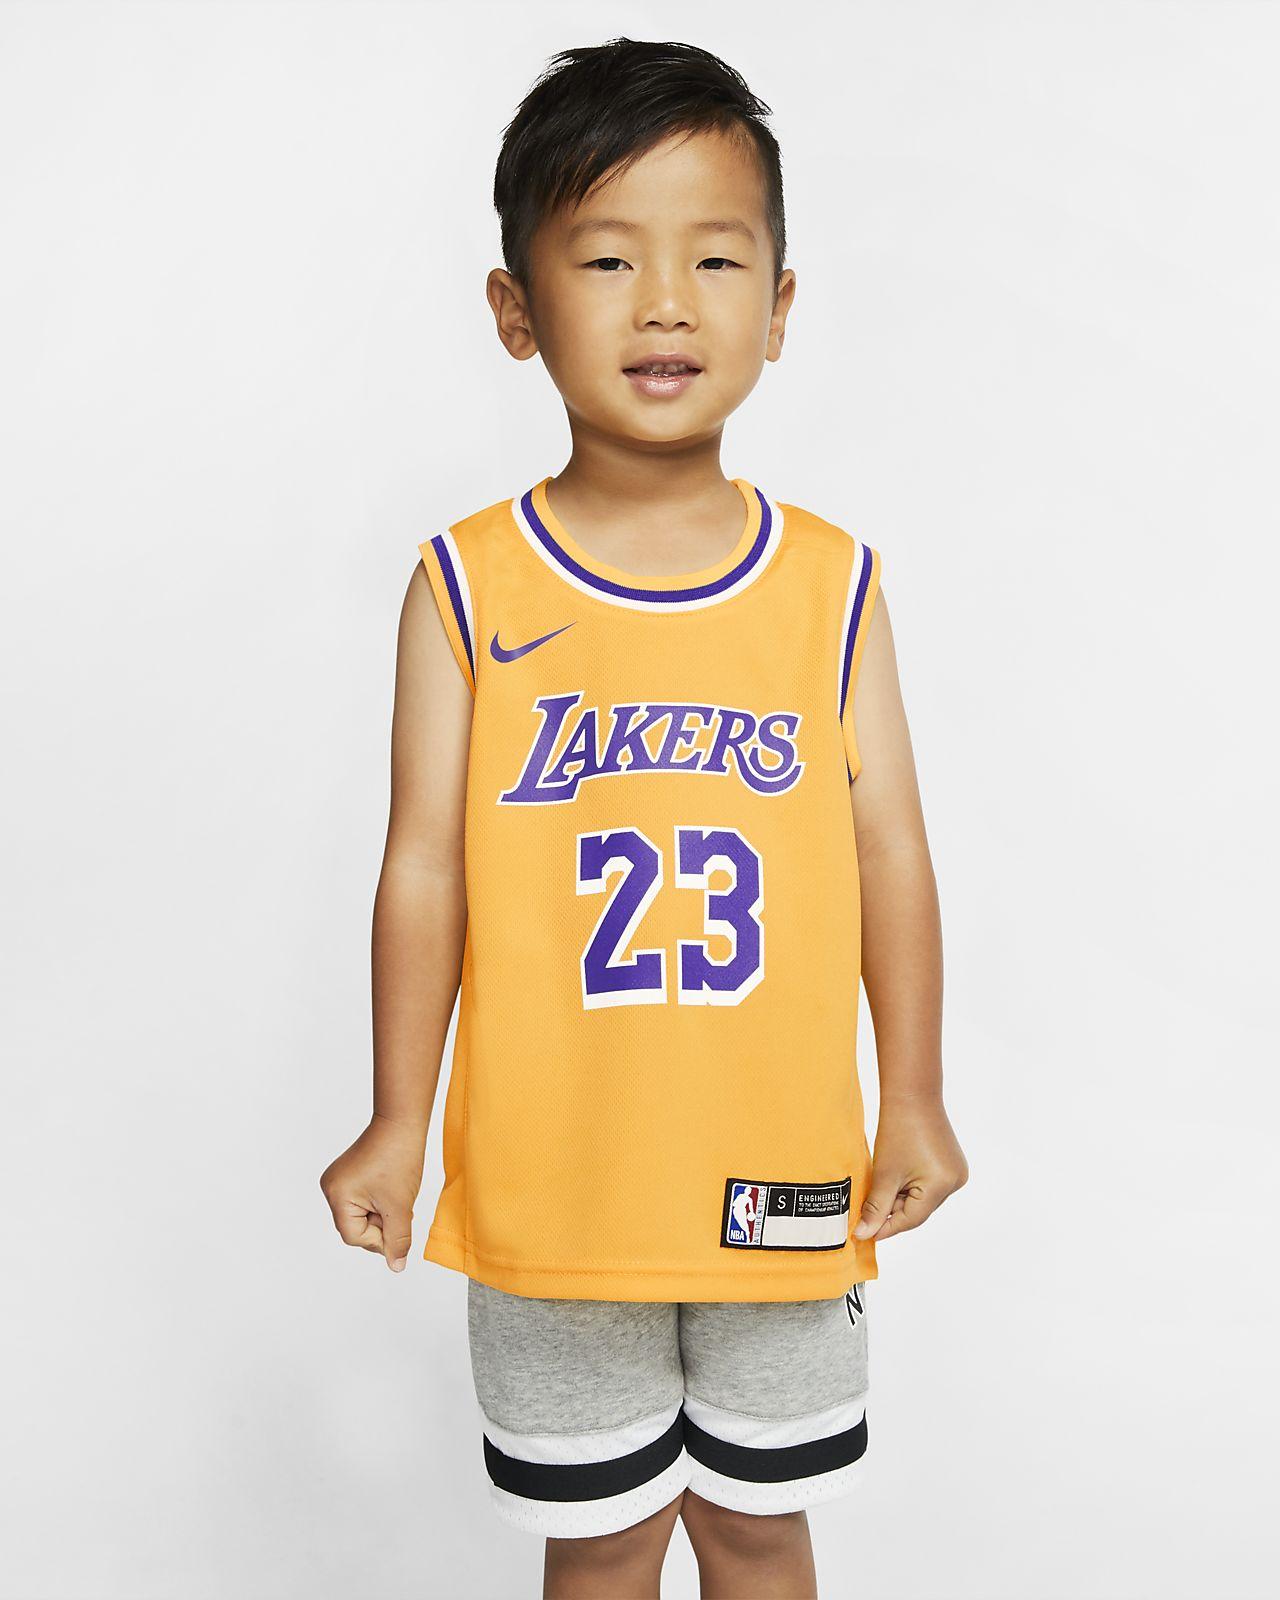 洛杉矶湖人队 Replica IconNike NBA  幼童球衣